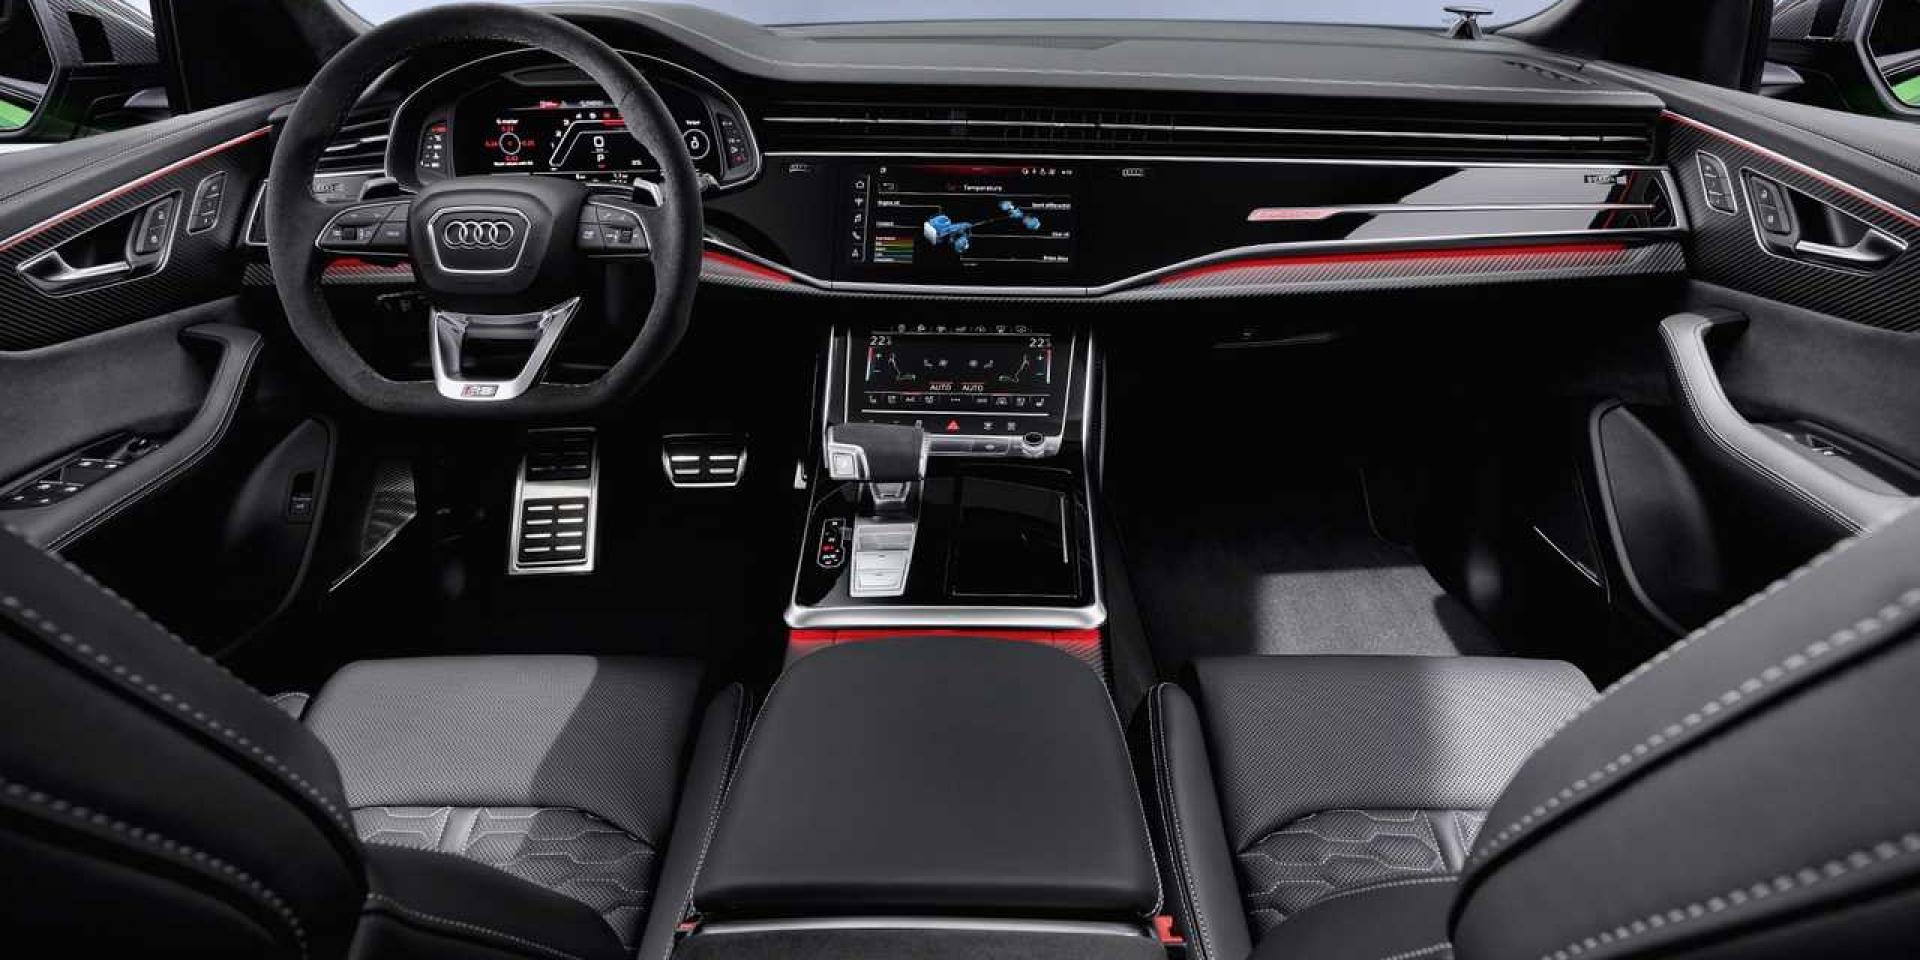 滿滿的螢幕就是未來 Audi將取消所有實體按鍵!